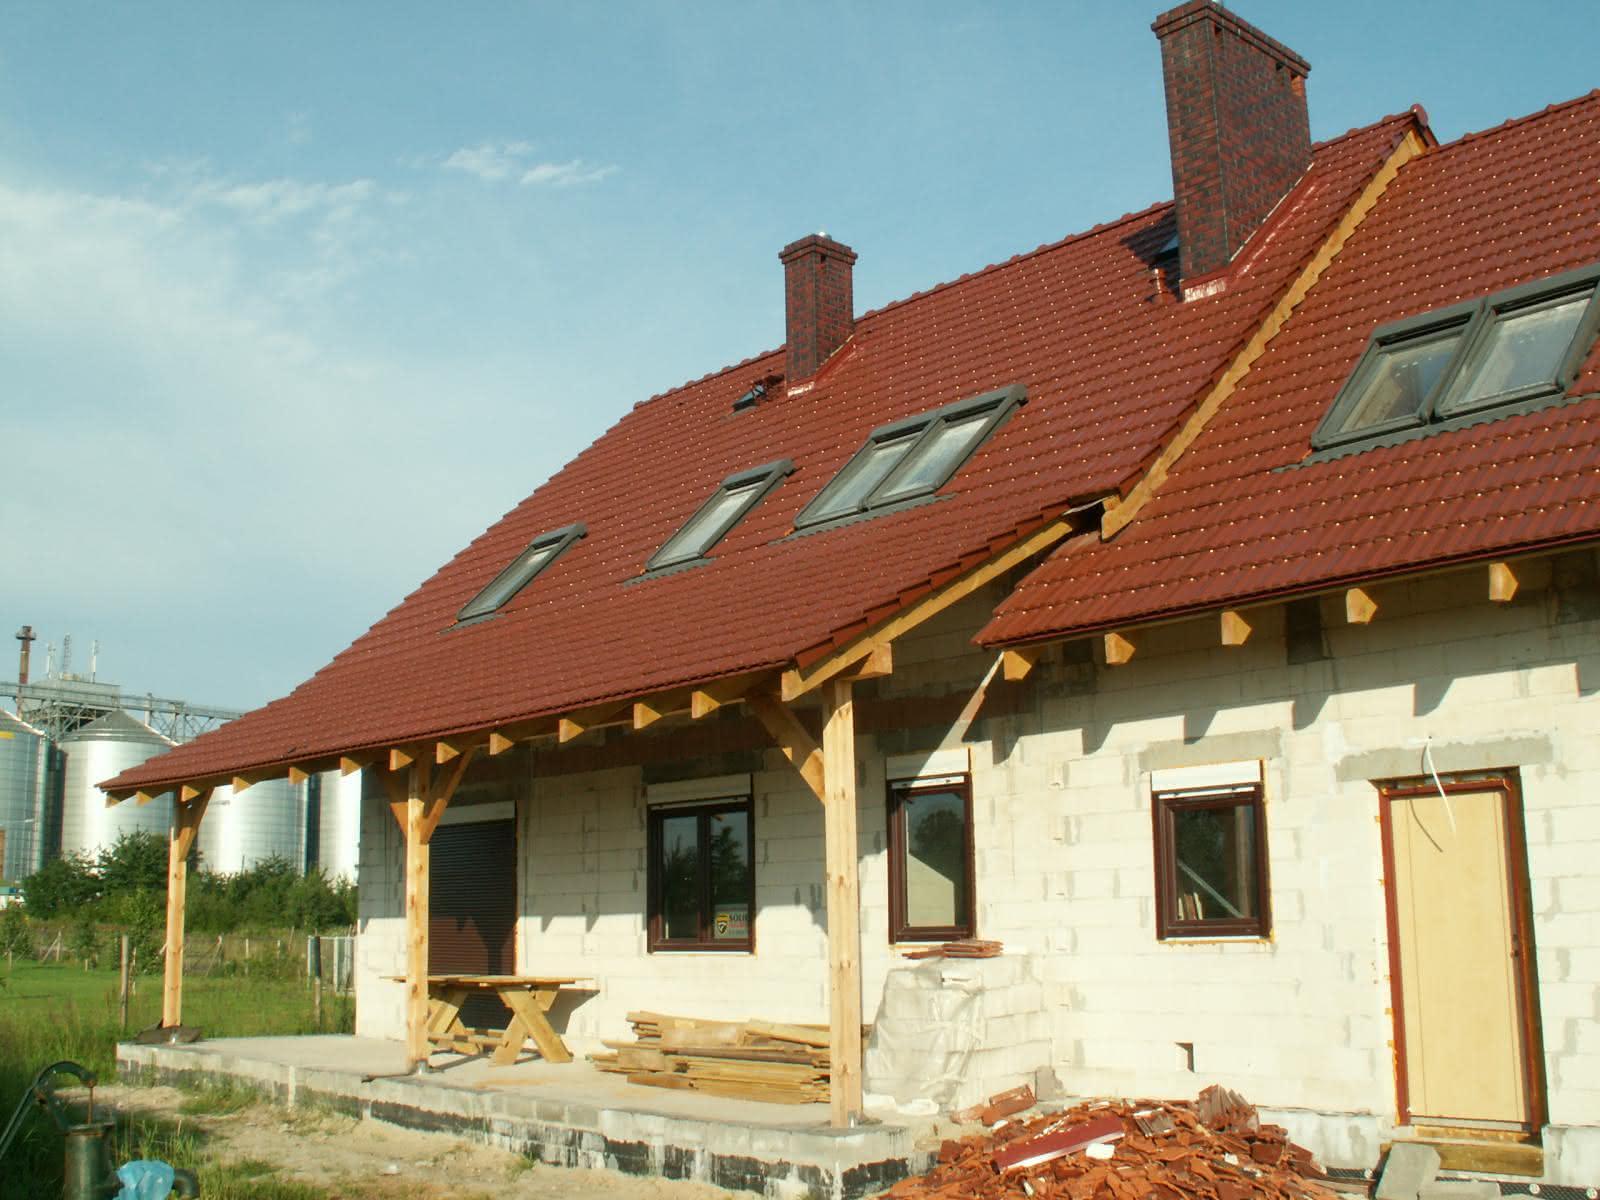 tył domu - część mieszkalna